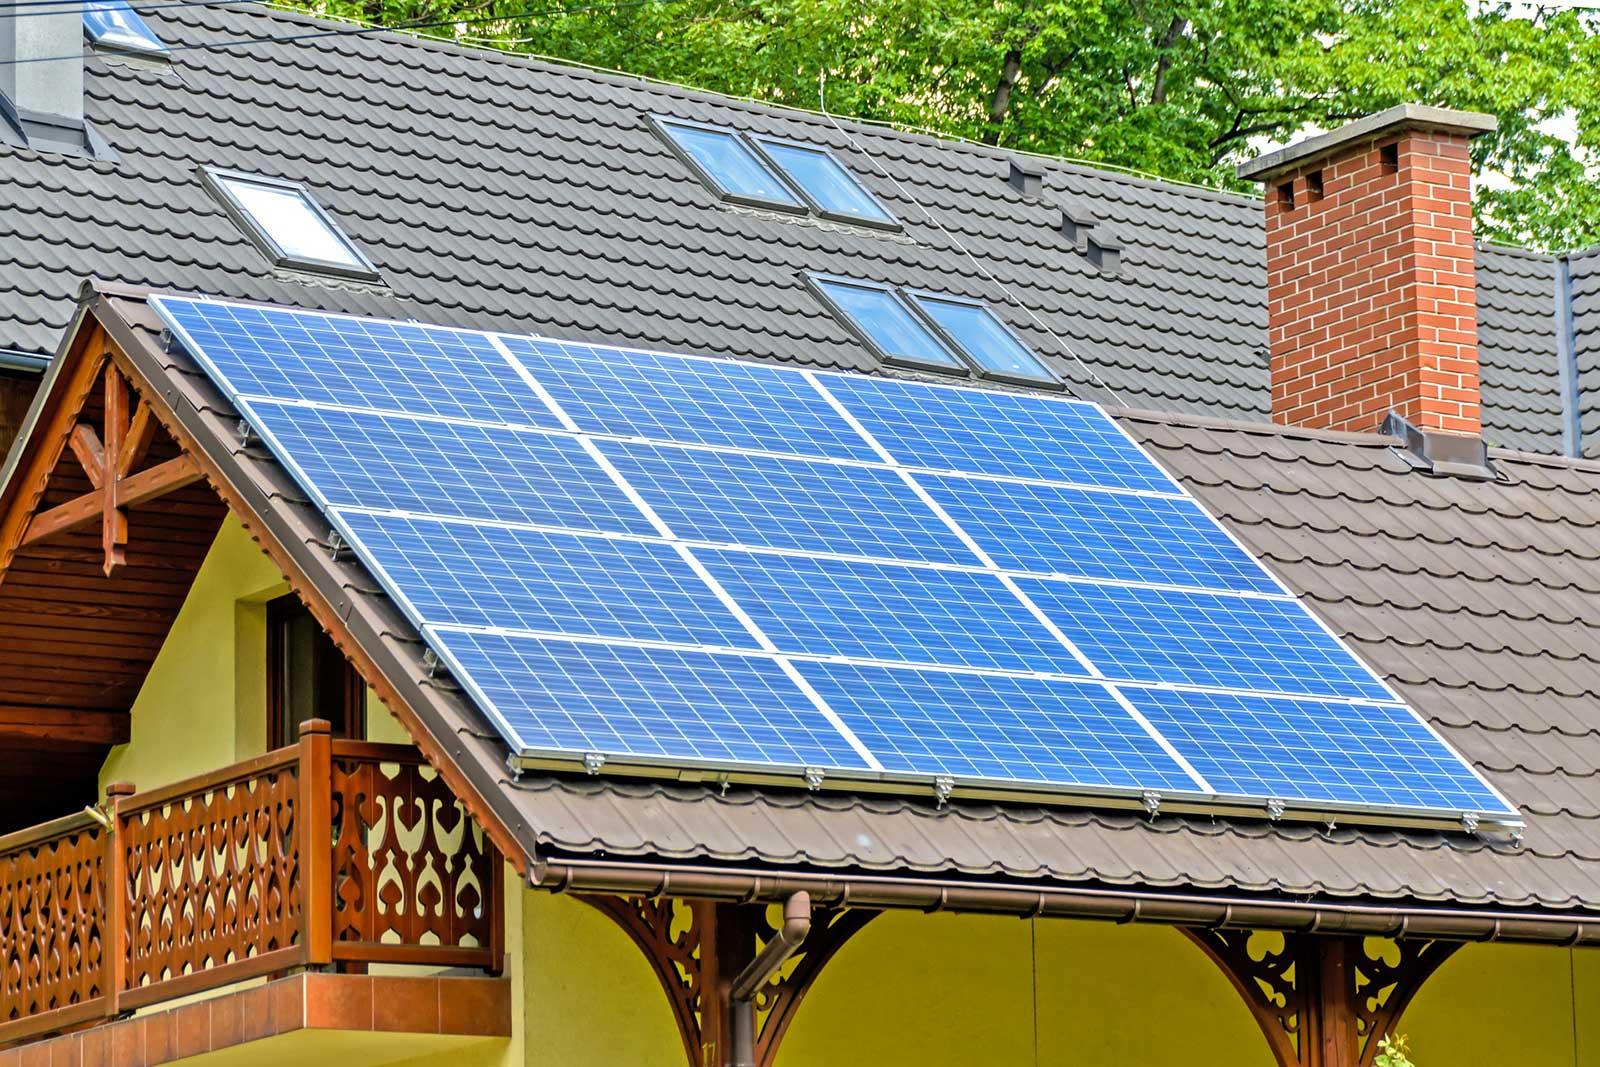 fotovoltaico-pavia-pannelli-solari-relab